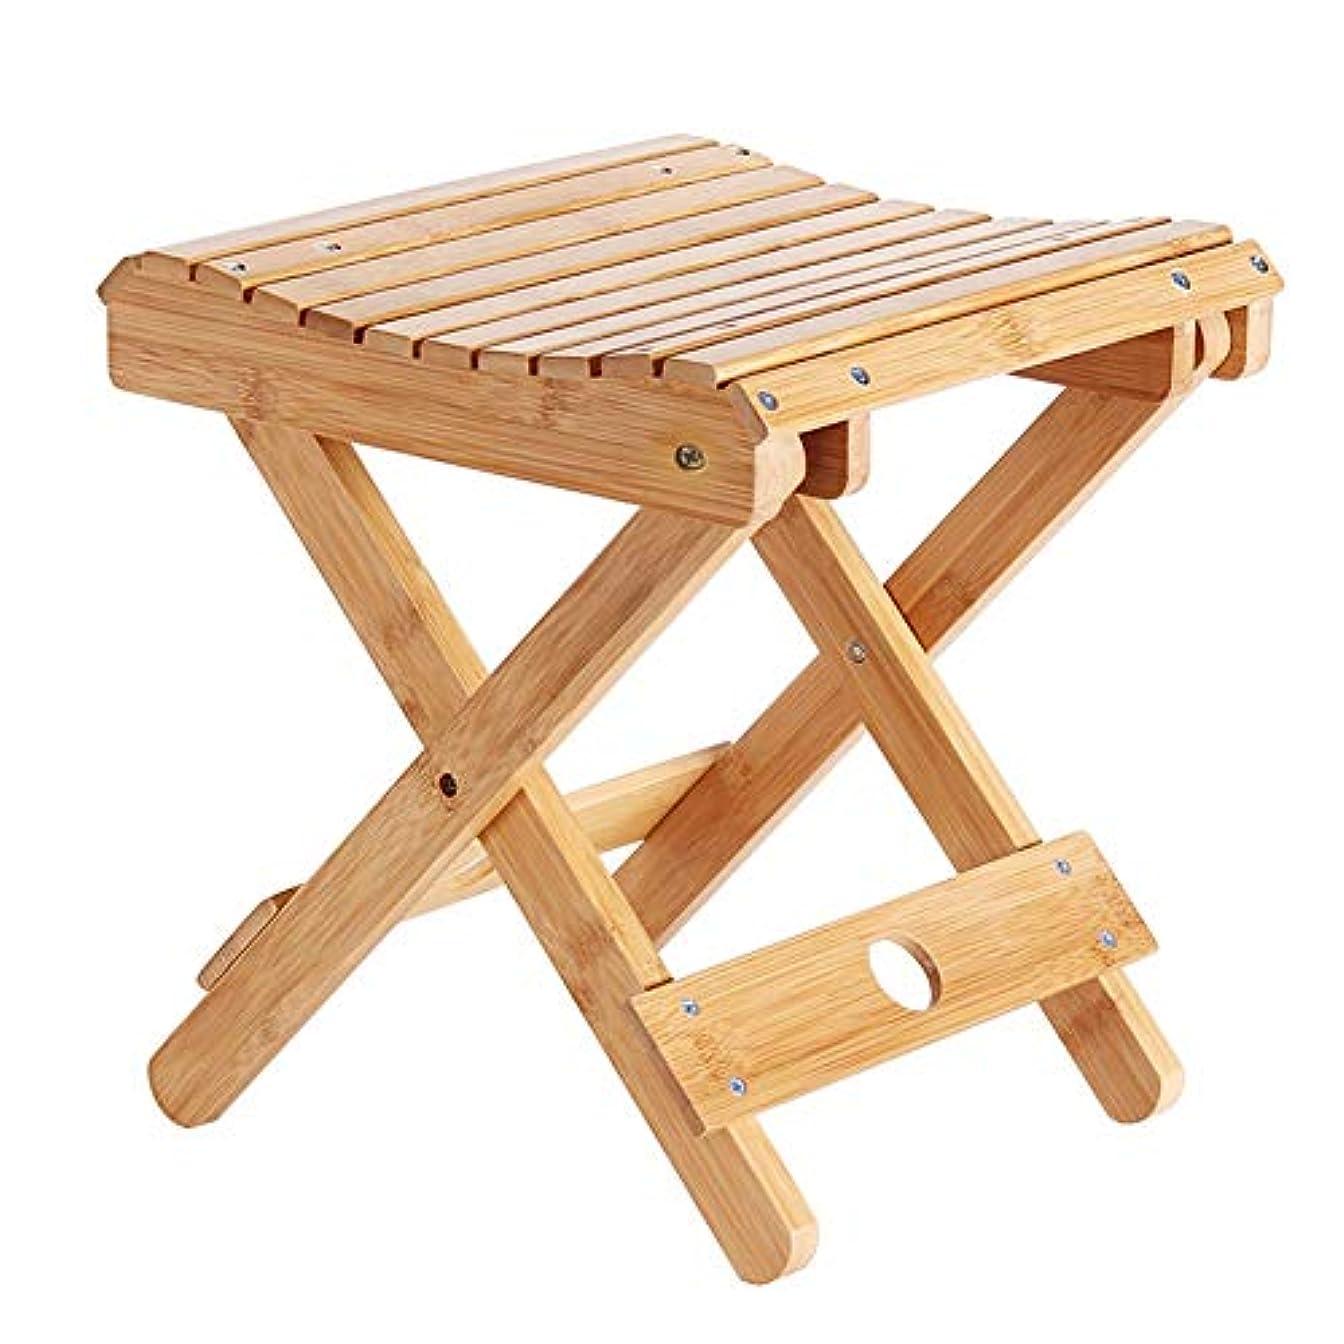 木曜日作家素晴らしいですNEVY 竹アウトドアチェア折りたたみキャンプ椅子コンパクト軽量持ち運び登山釣りハイキング、2サイズ (サイズ さいず : 46.5cm)